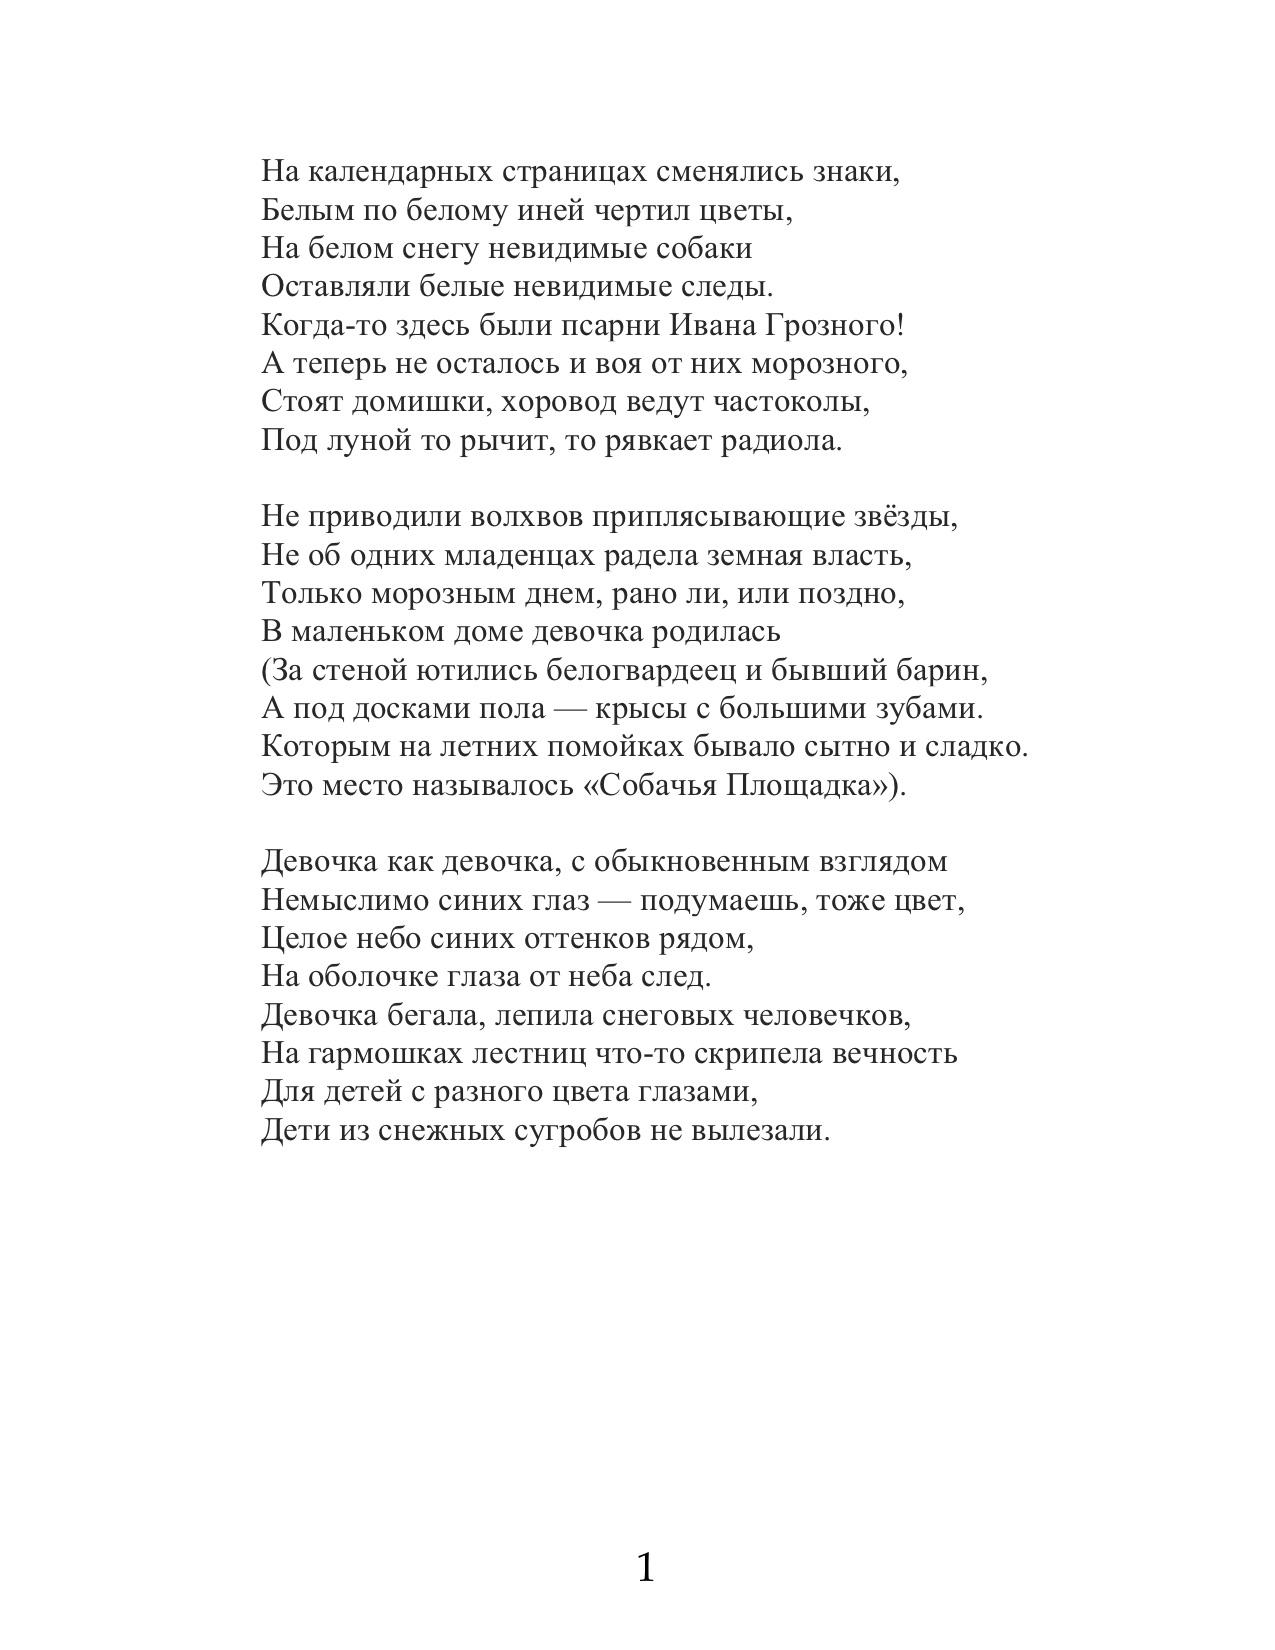 yulia1